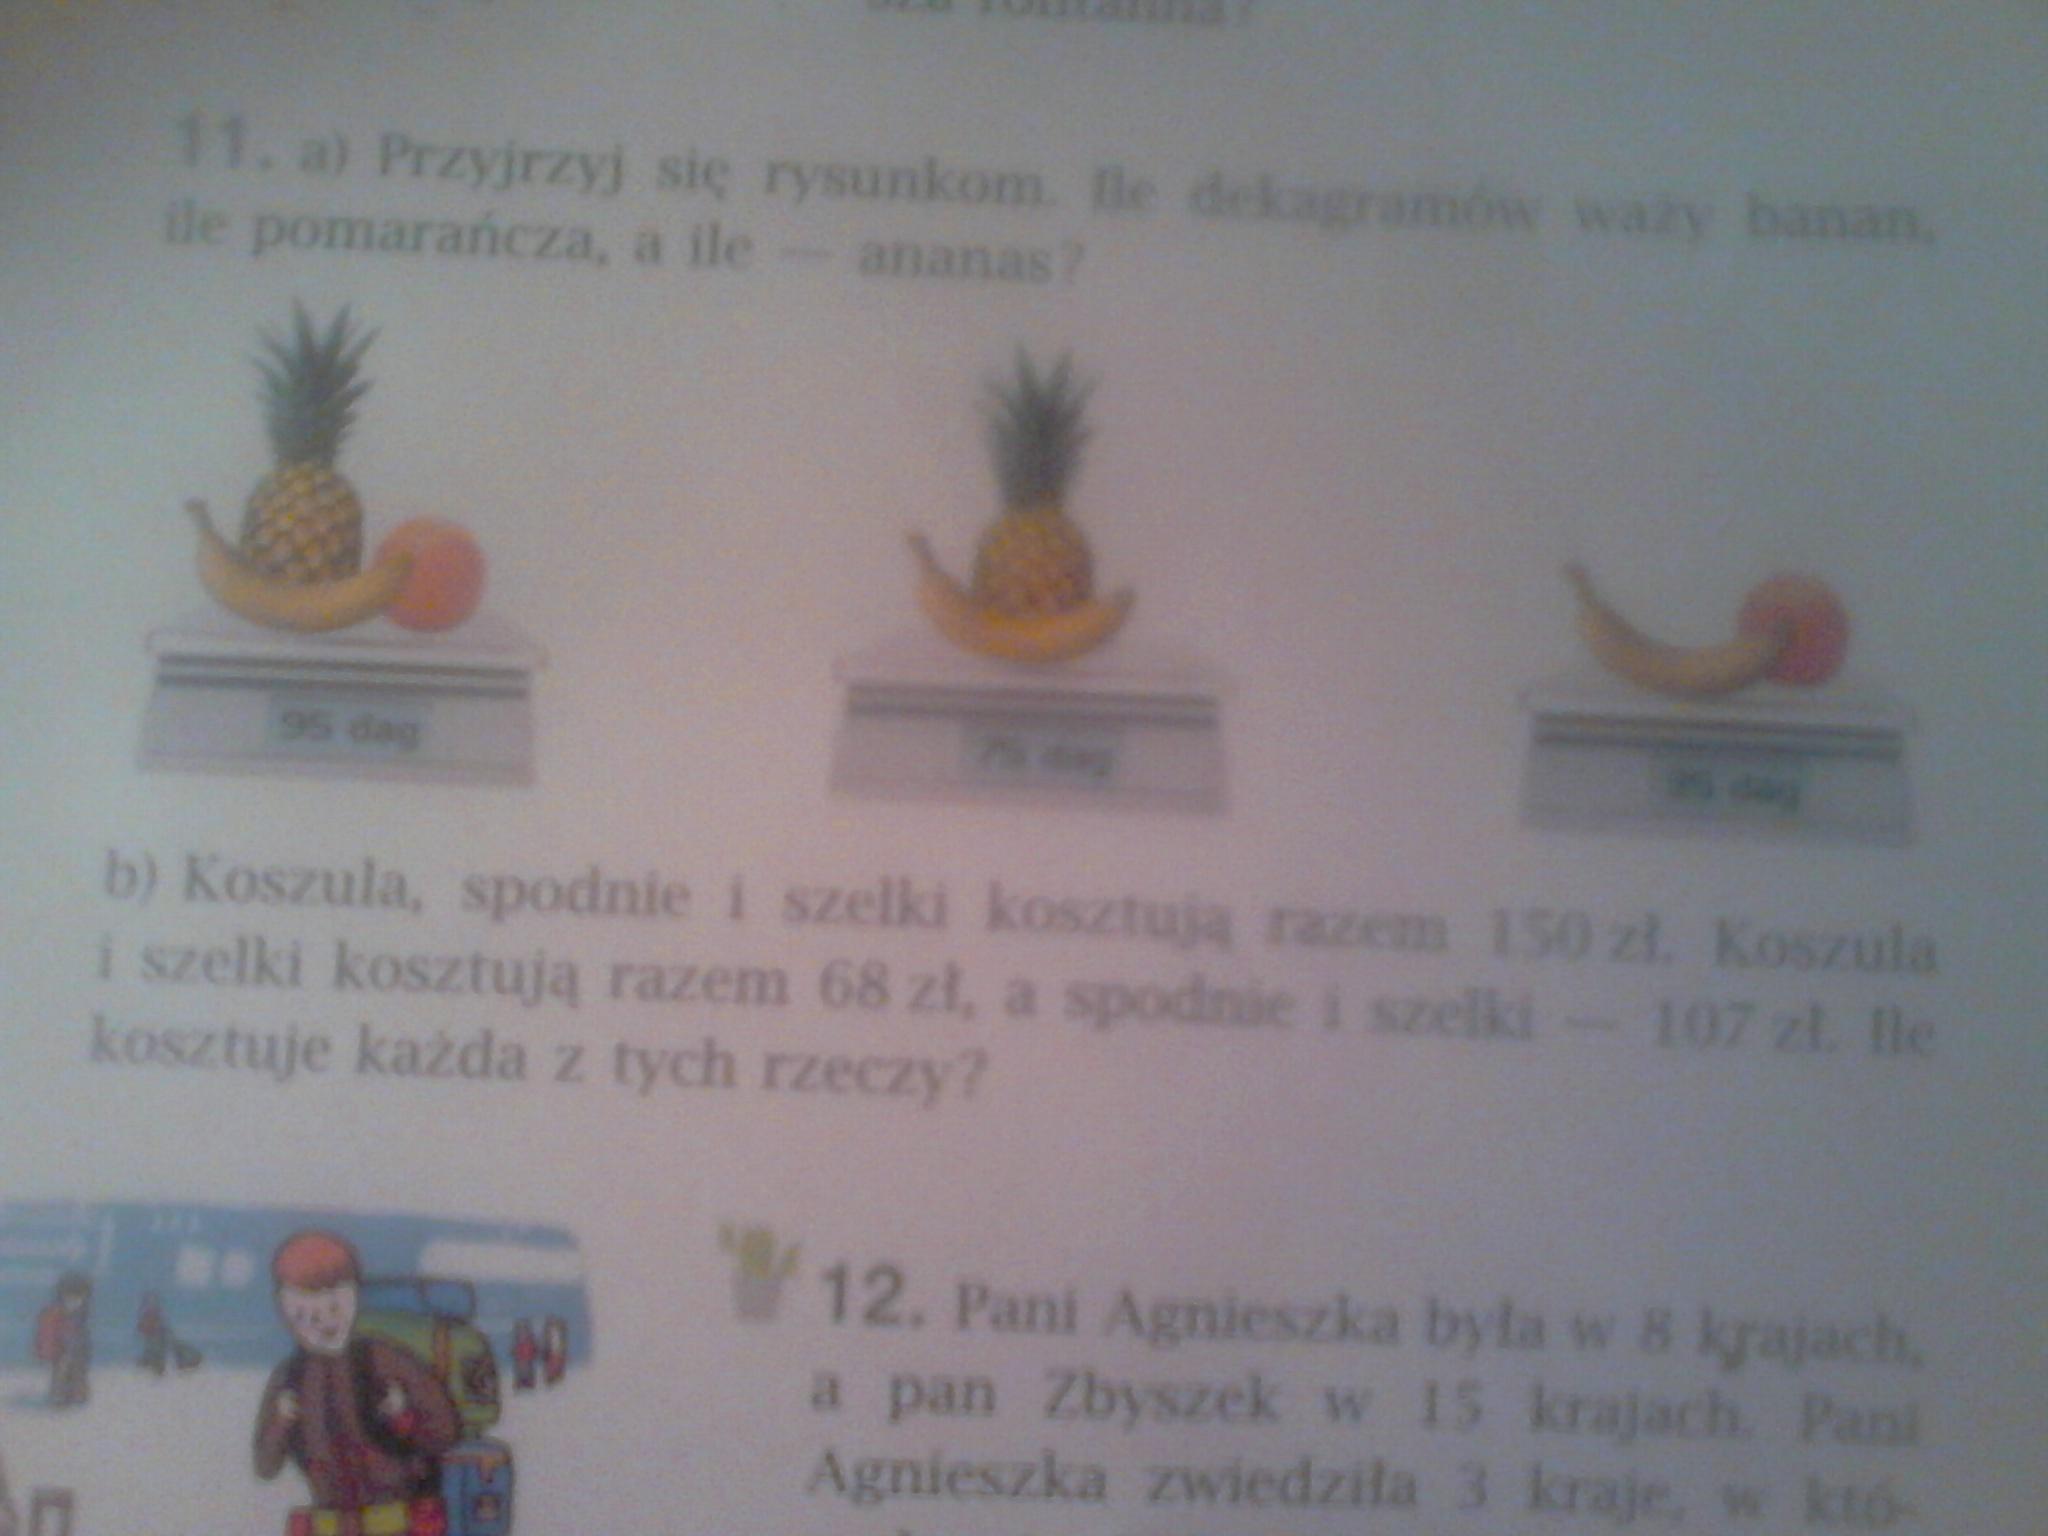 Ananas Rysunek przyjrzyj się rysunkom. ile dekagramów waży banan, ile